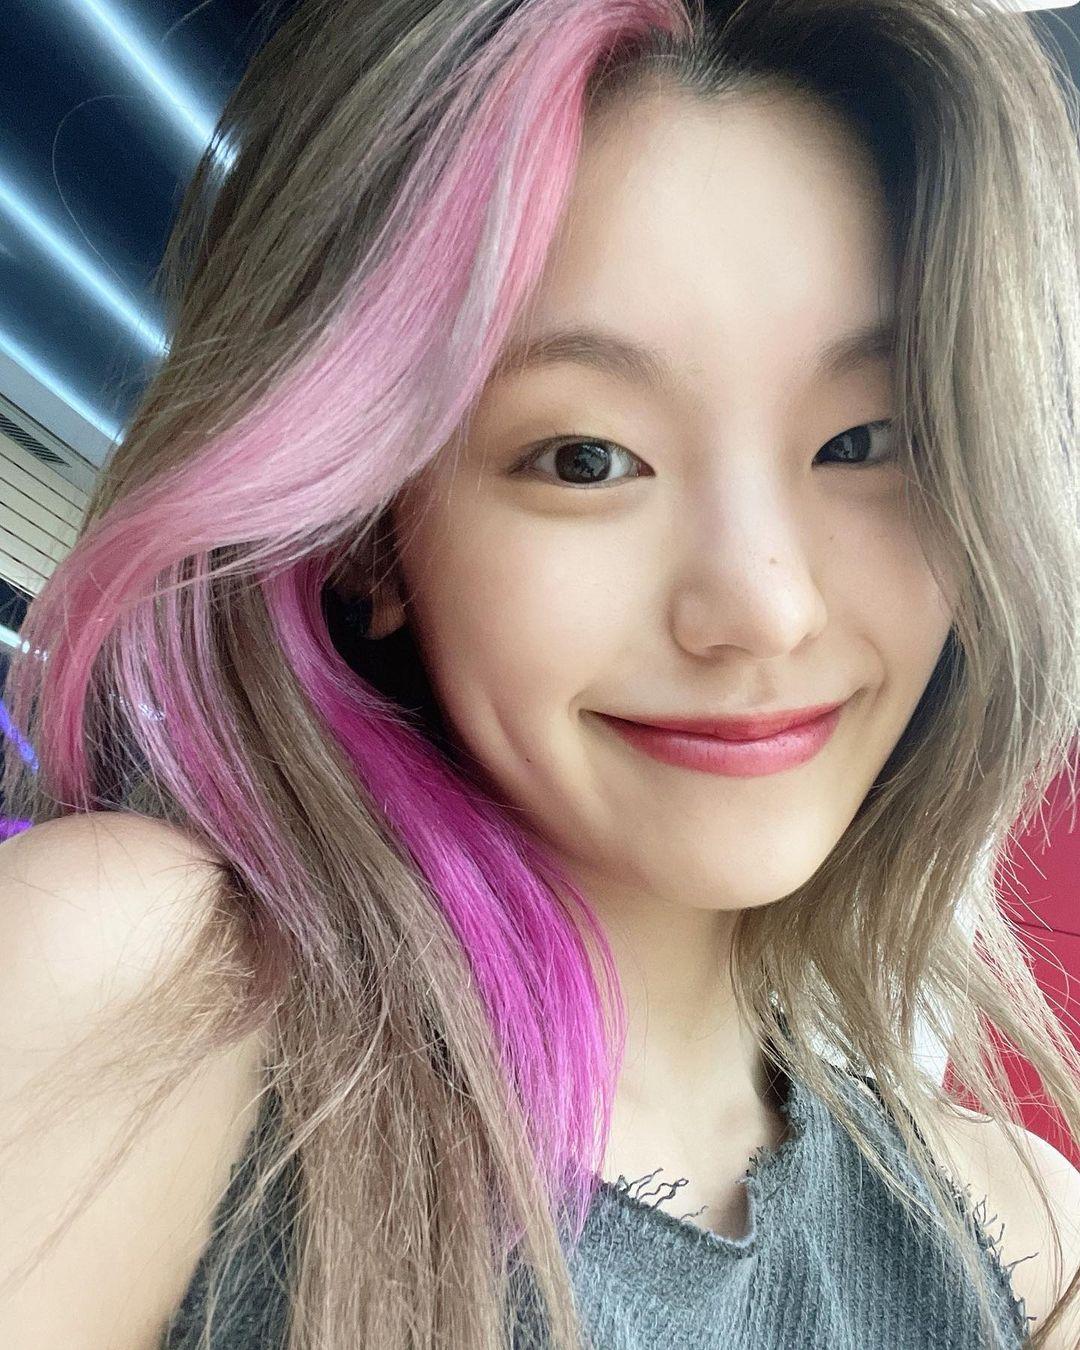 Yeji được stylist tạo kiểu tóc tẩy mái, nhuộm màu hồng tím siêu nổi bật. Vốn là thành viên có visual cá tính nhất trong ITZY, cô nàng luôn thử nghiệm những phong cách mới mẻ, thậm chí kén người nhất.